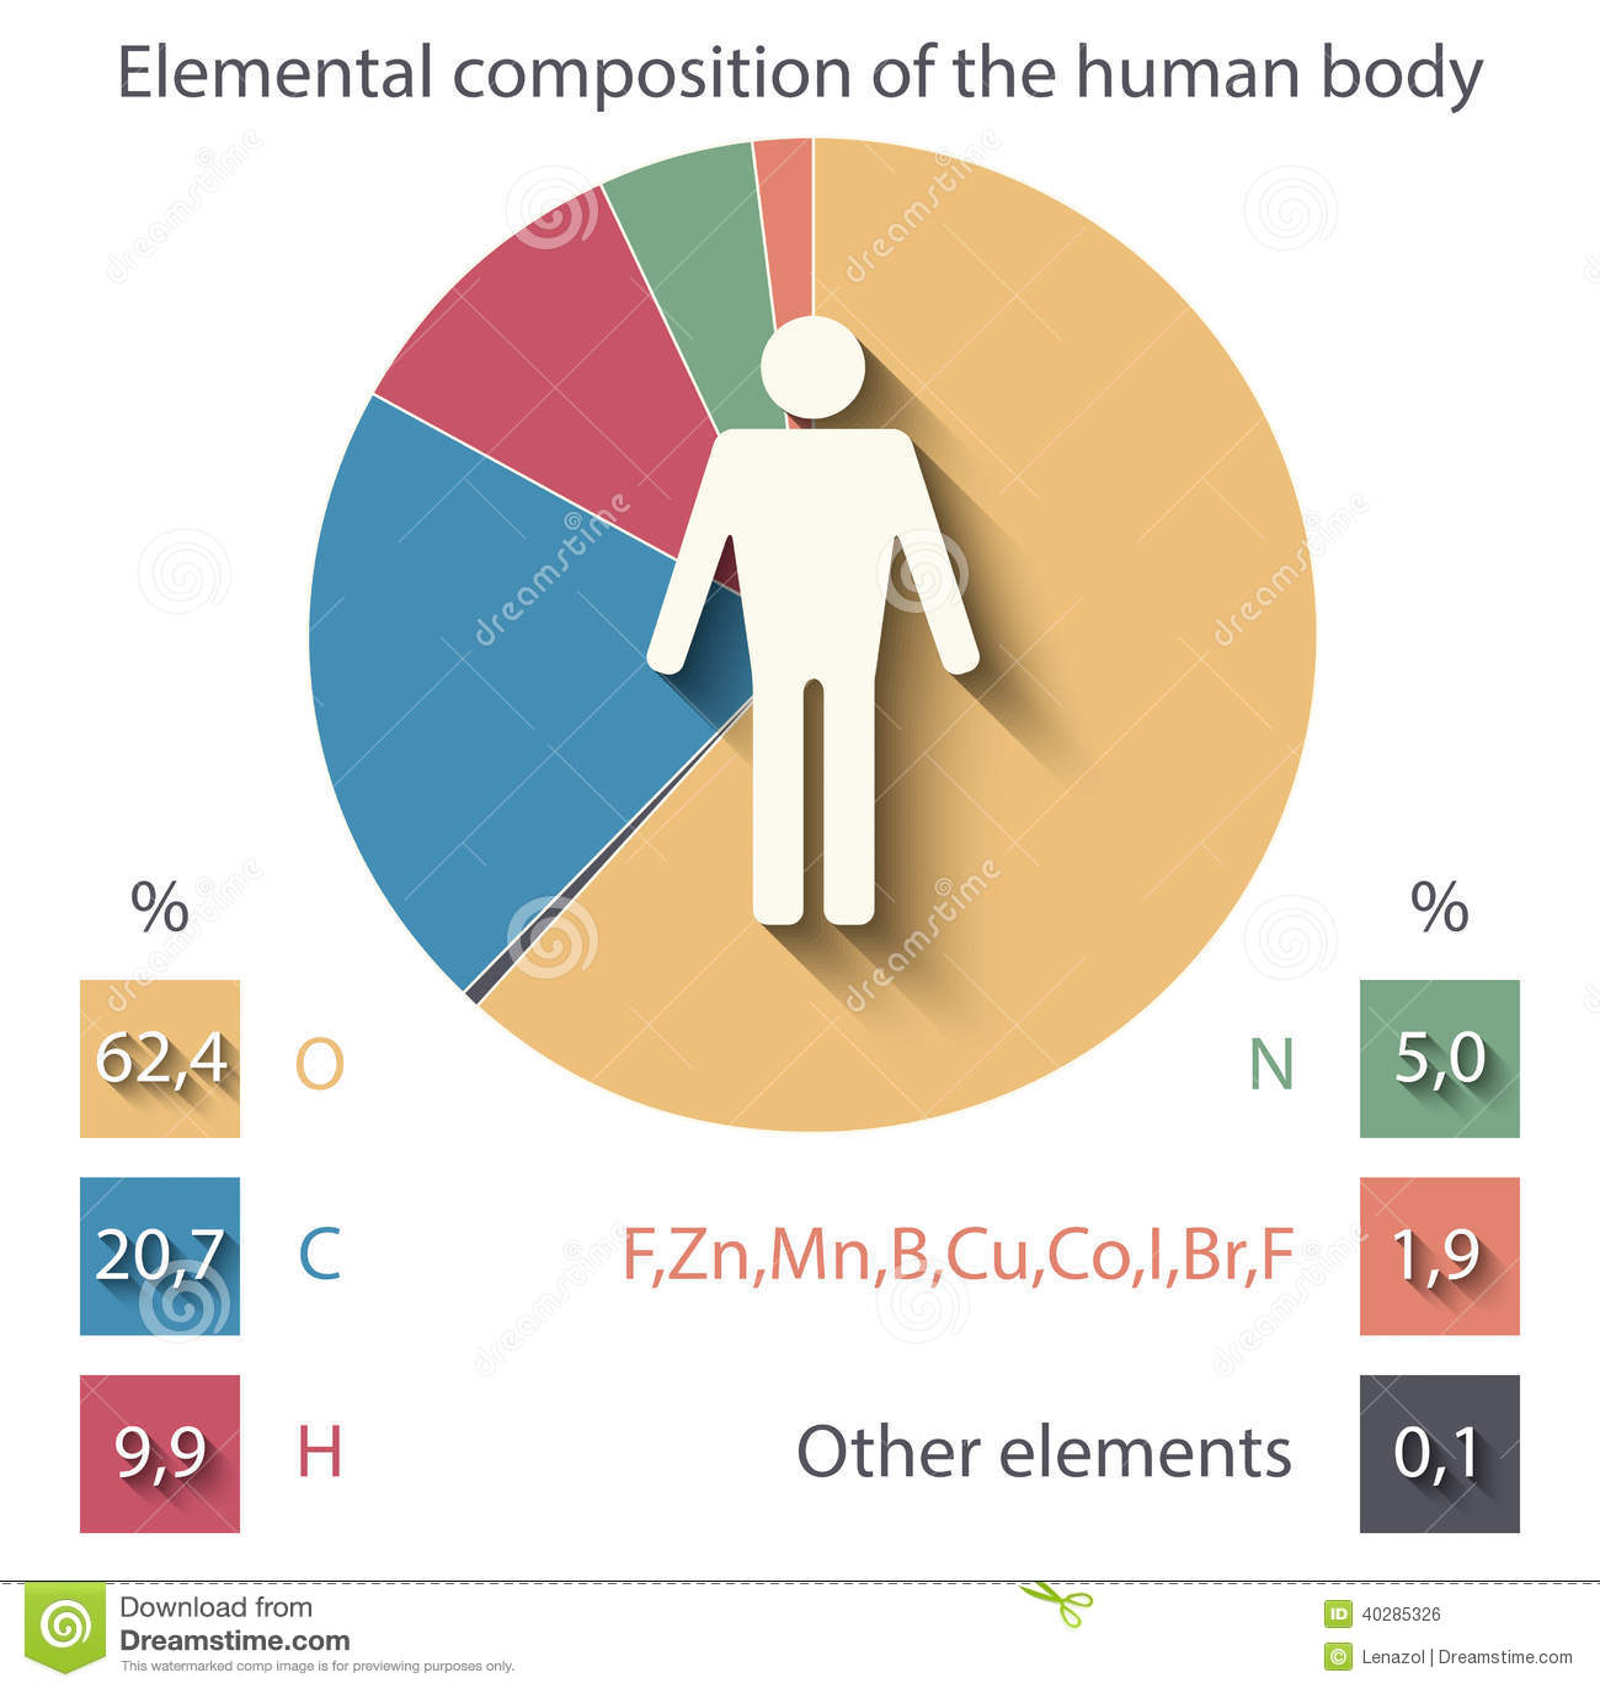 Elementare Zusammensetzung Des Menschlichen Körpers Vektor Abbildung ...